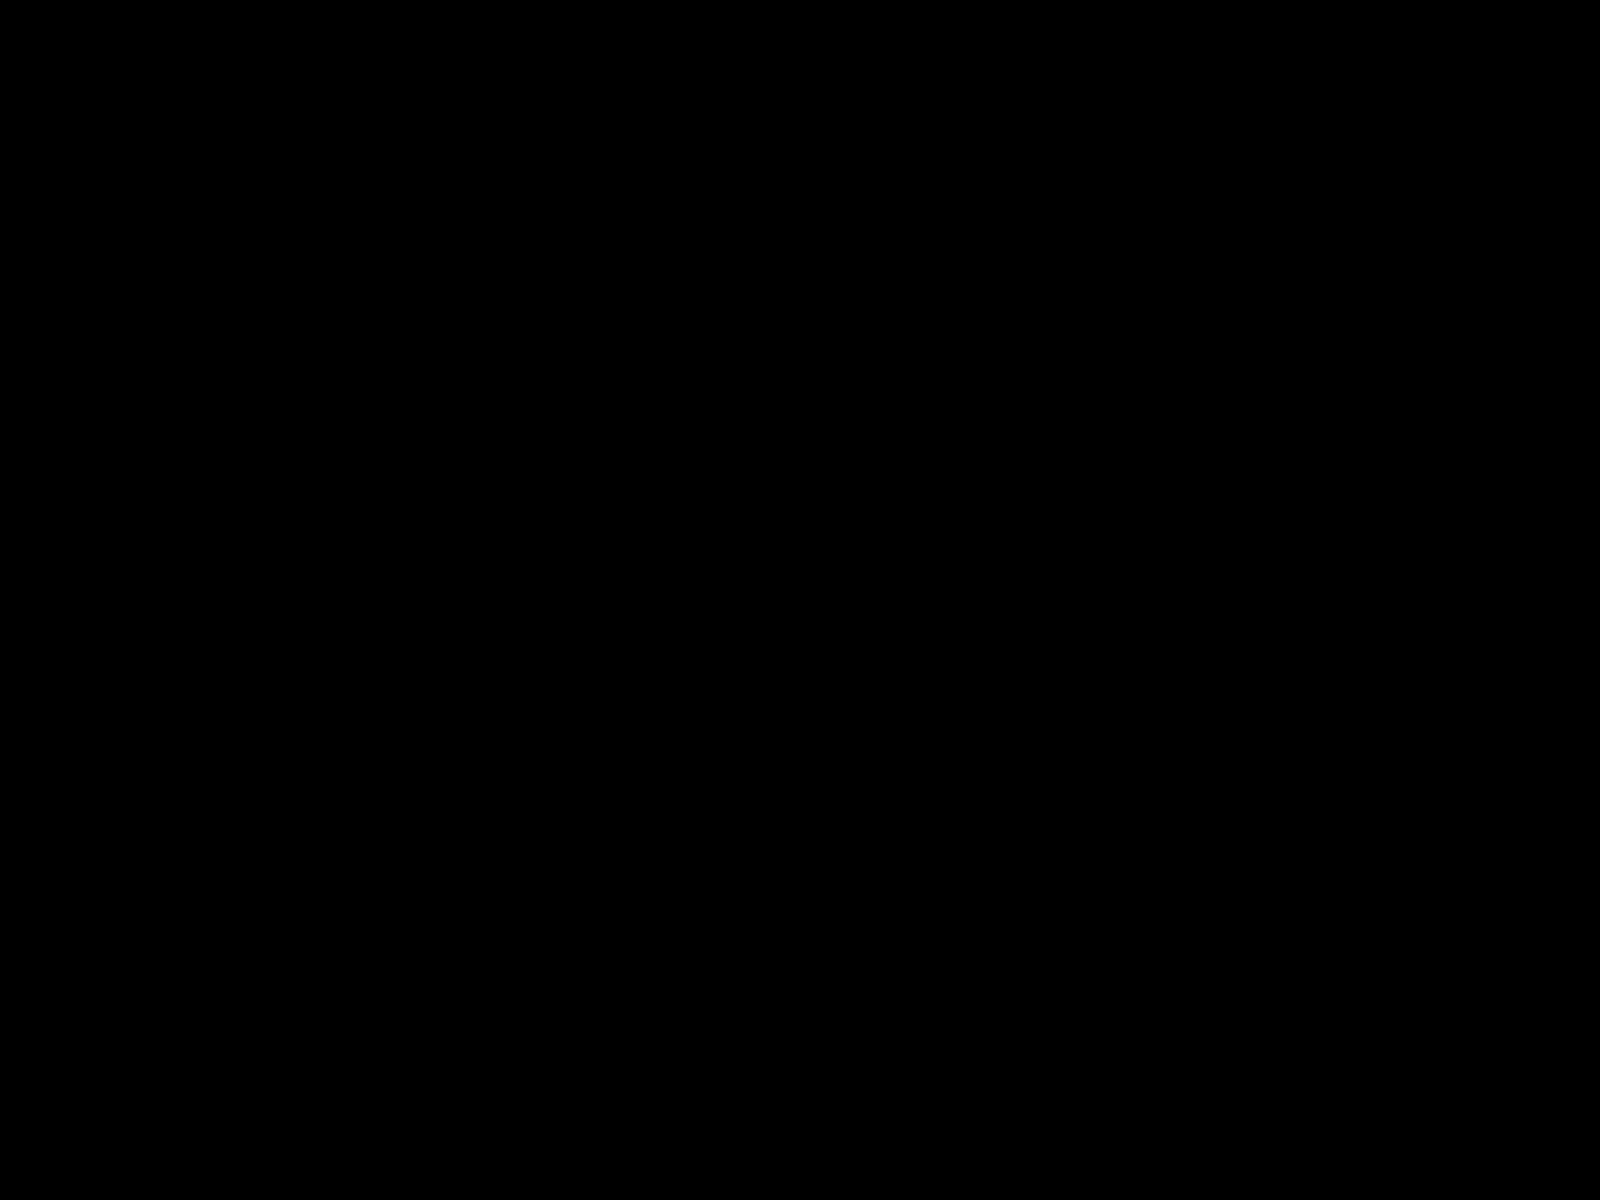 Hasil gambar untuk gunungan wayang vector Seni, Desain